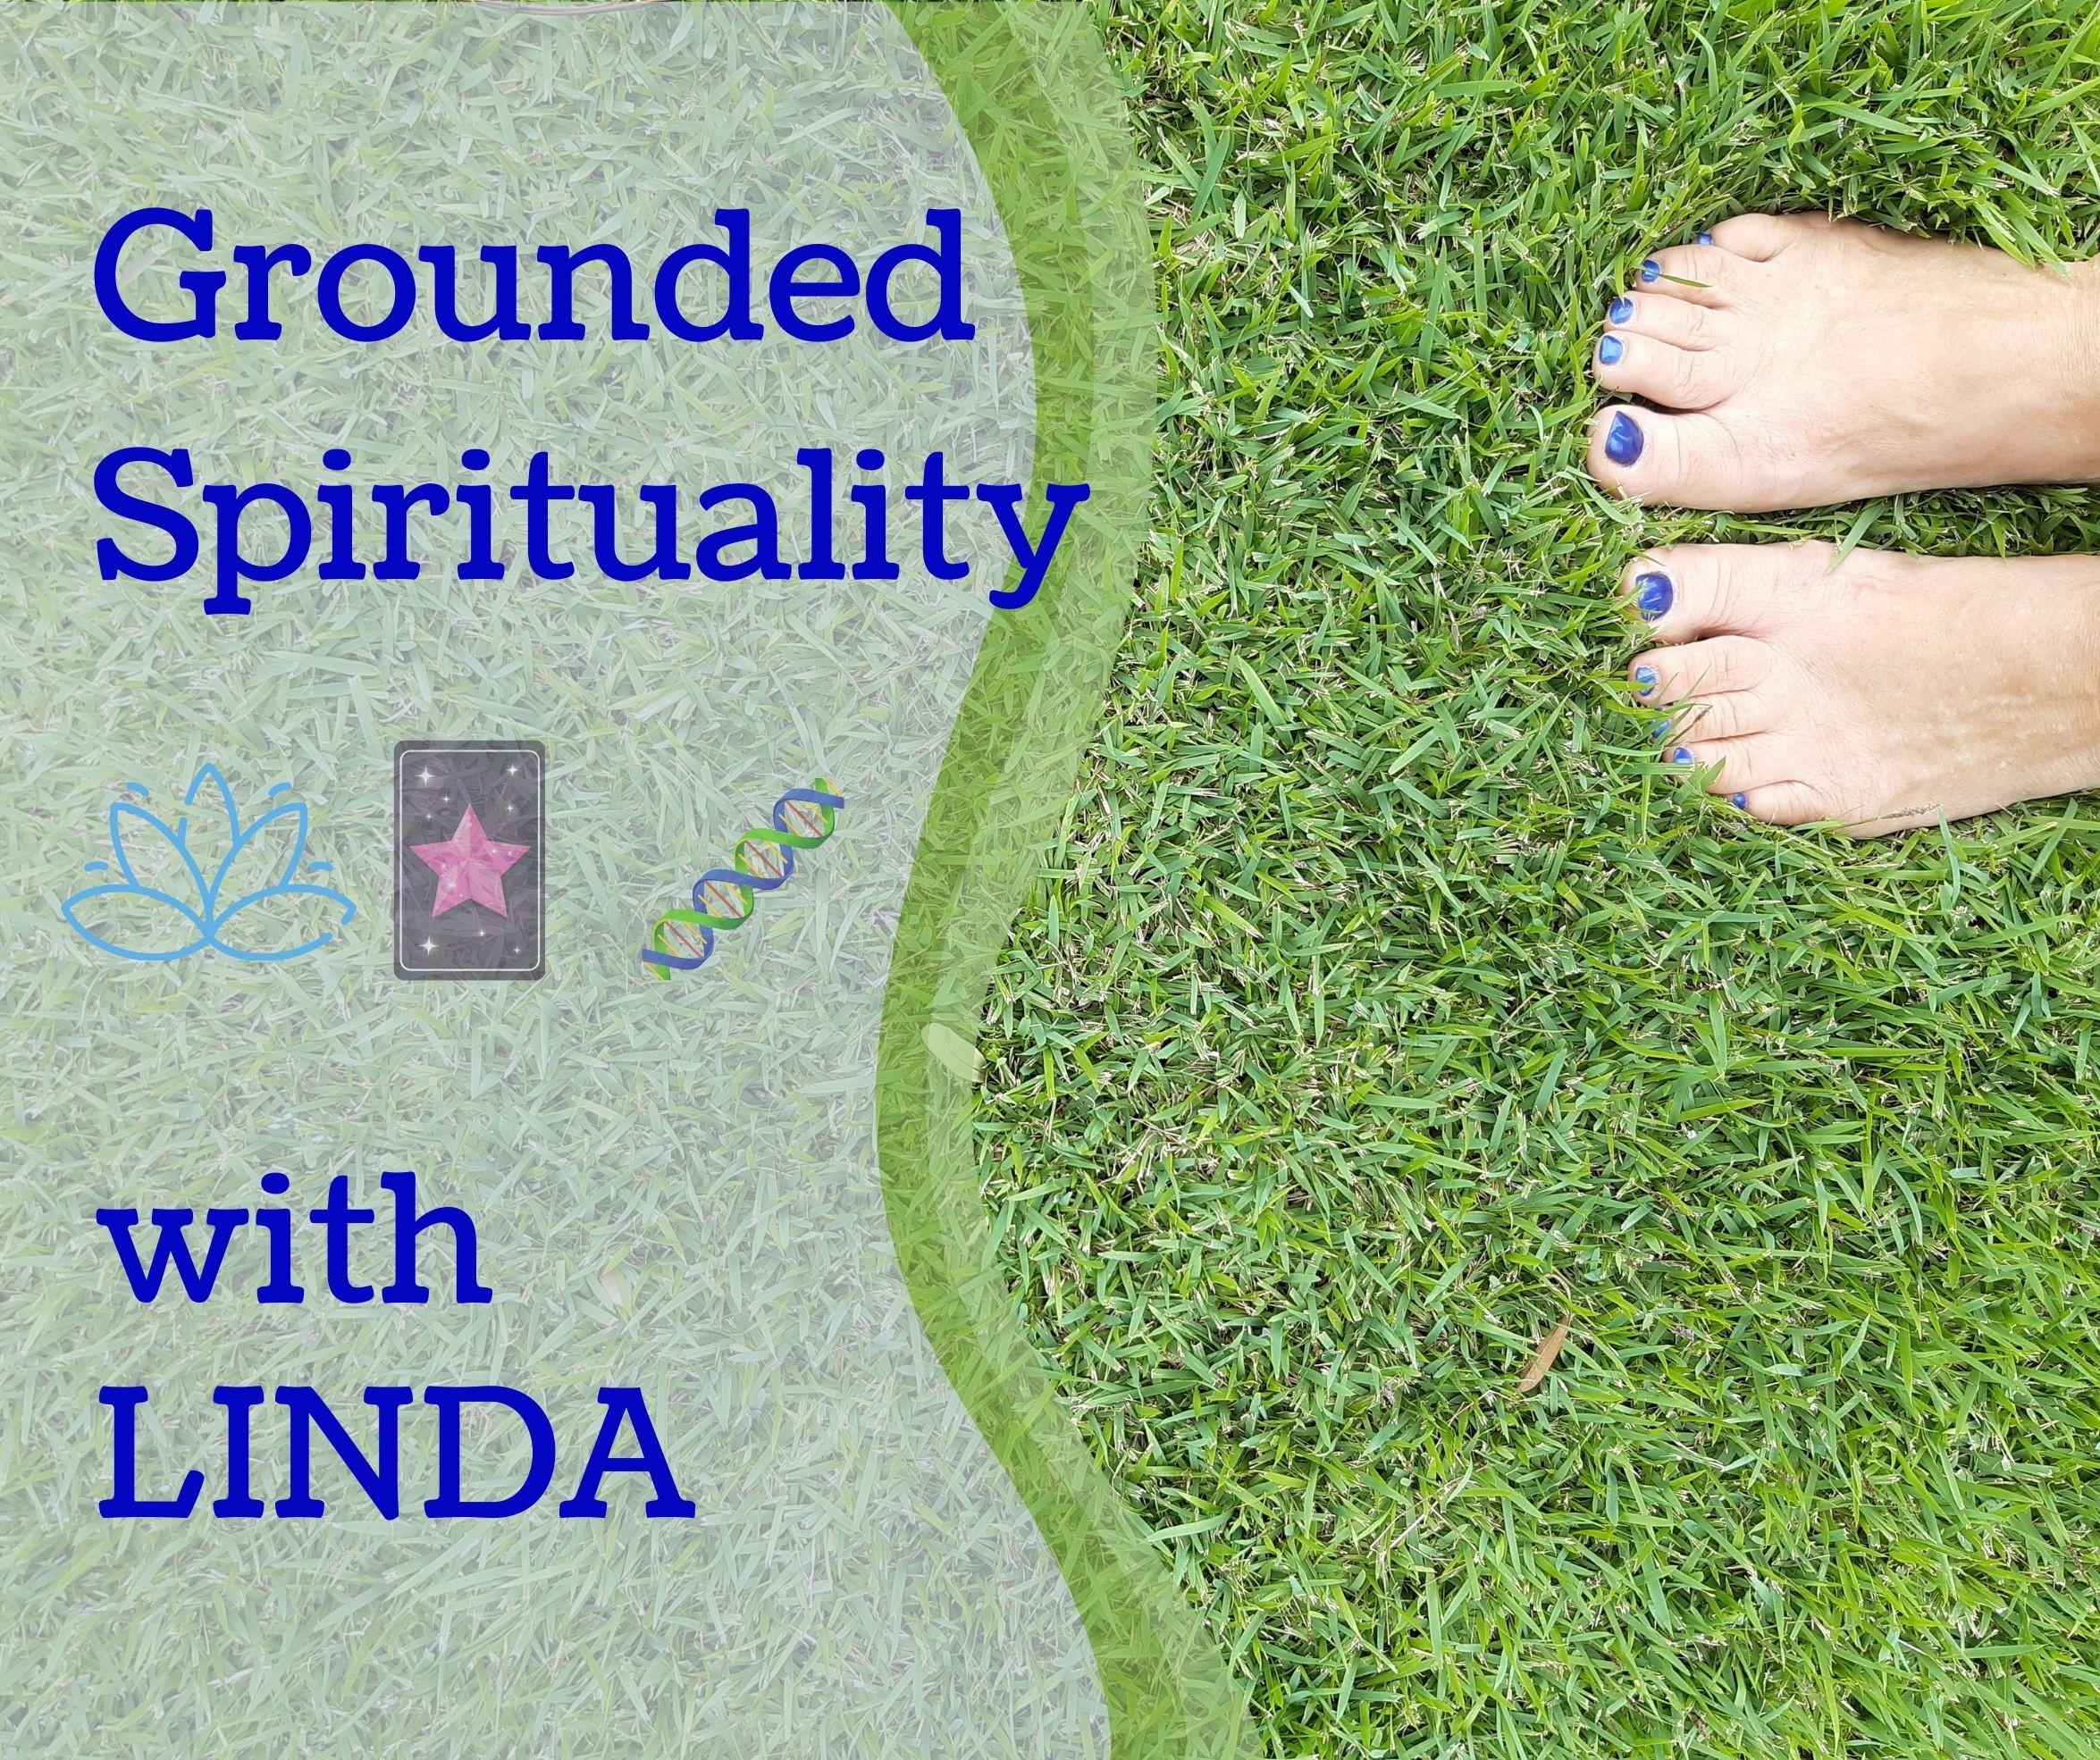 Grounded Spirituality with Linda